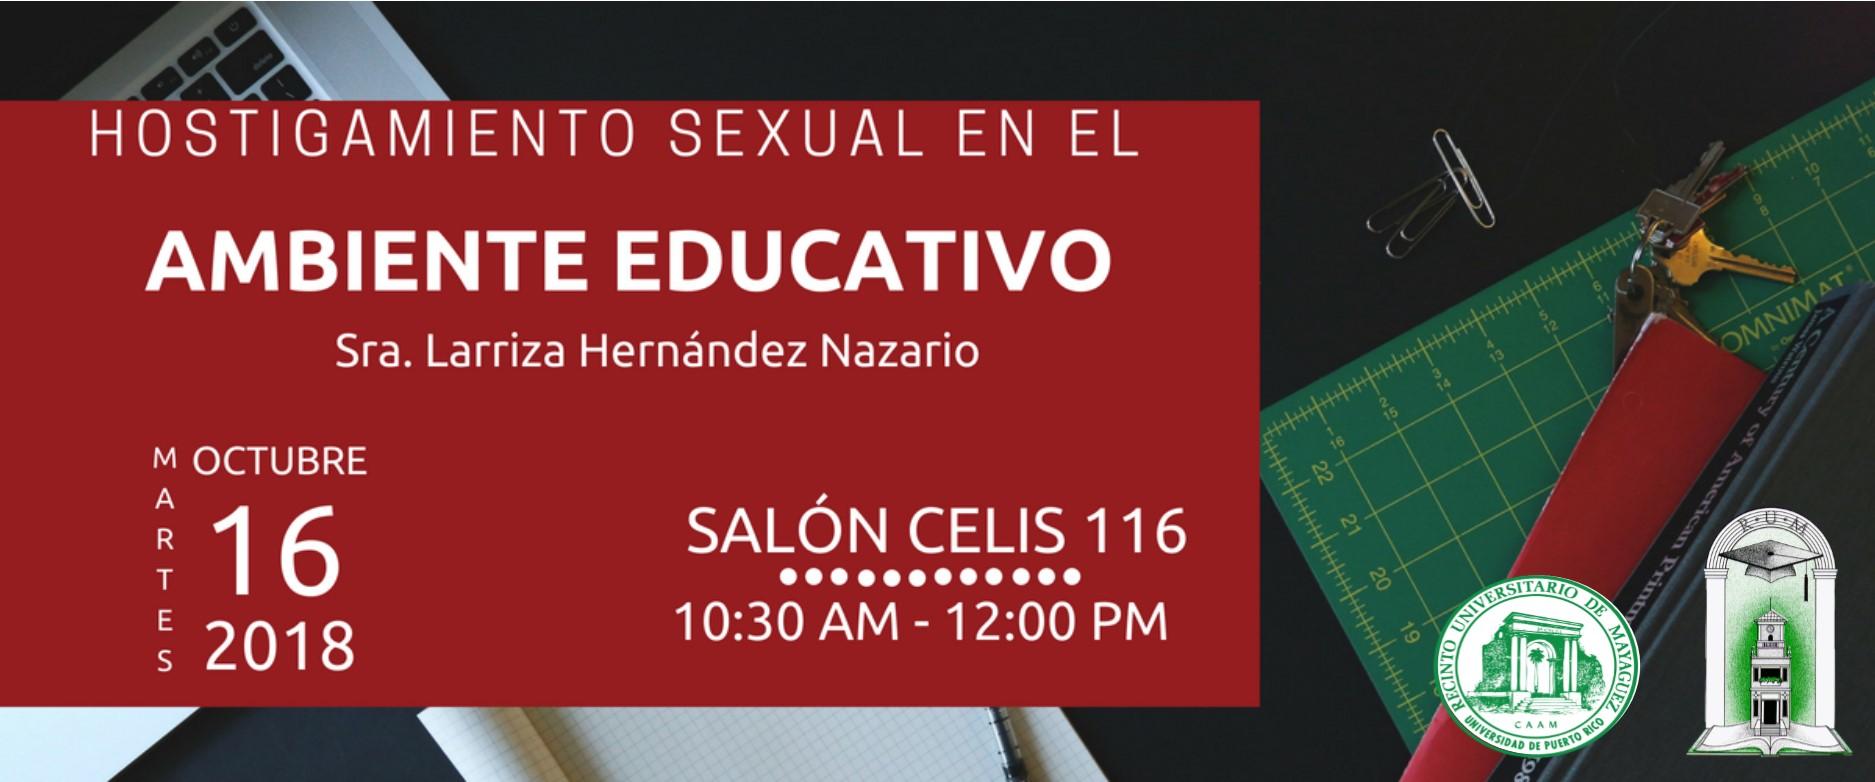 stigamiento Sexual en el Ambiente Educativo 2